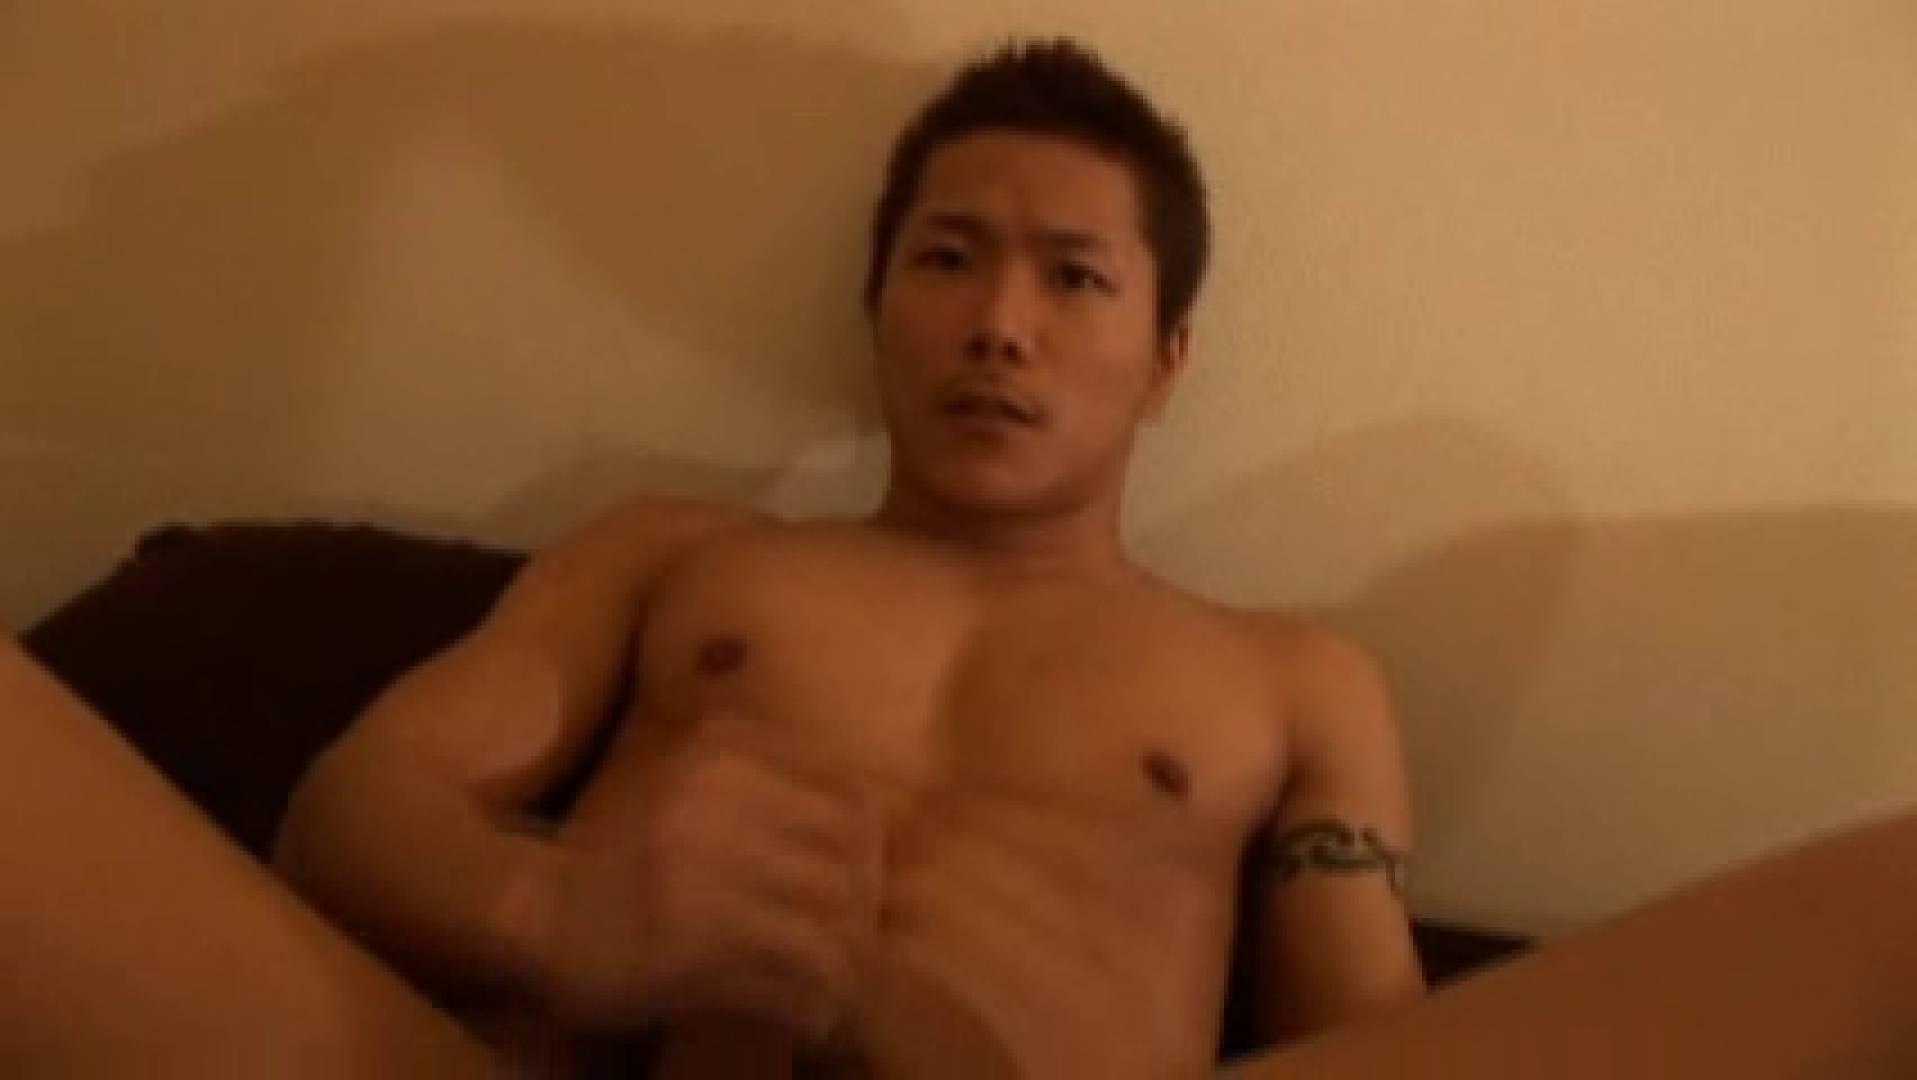 イケメン!!炸裂 Muscle  Stick!! その3 オナニー アダルトビデオ画像キャプチャ 115枚 59